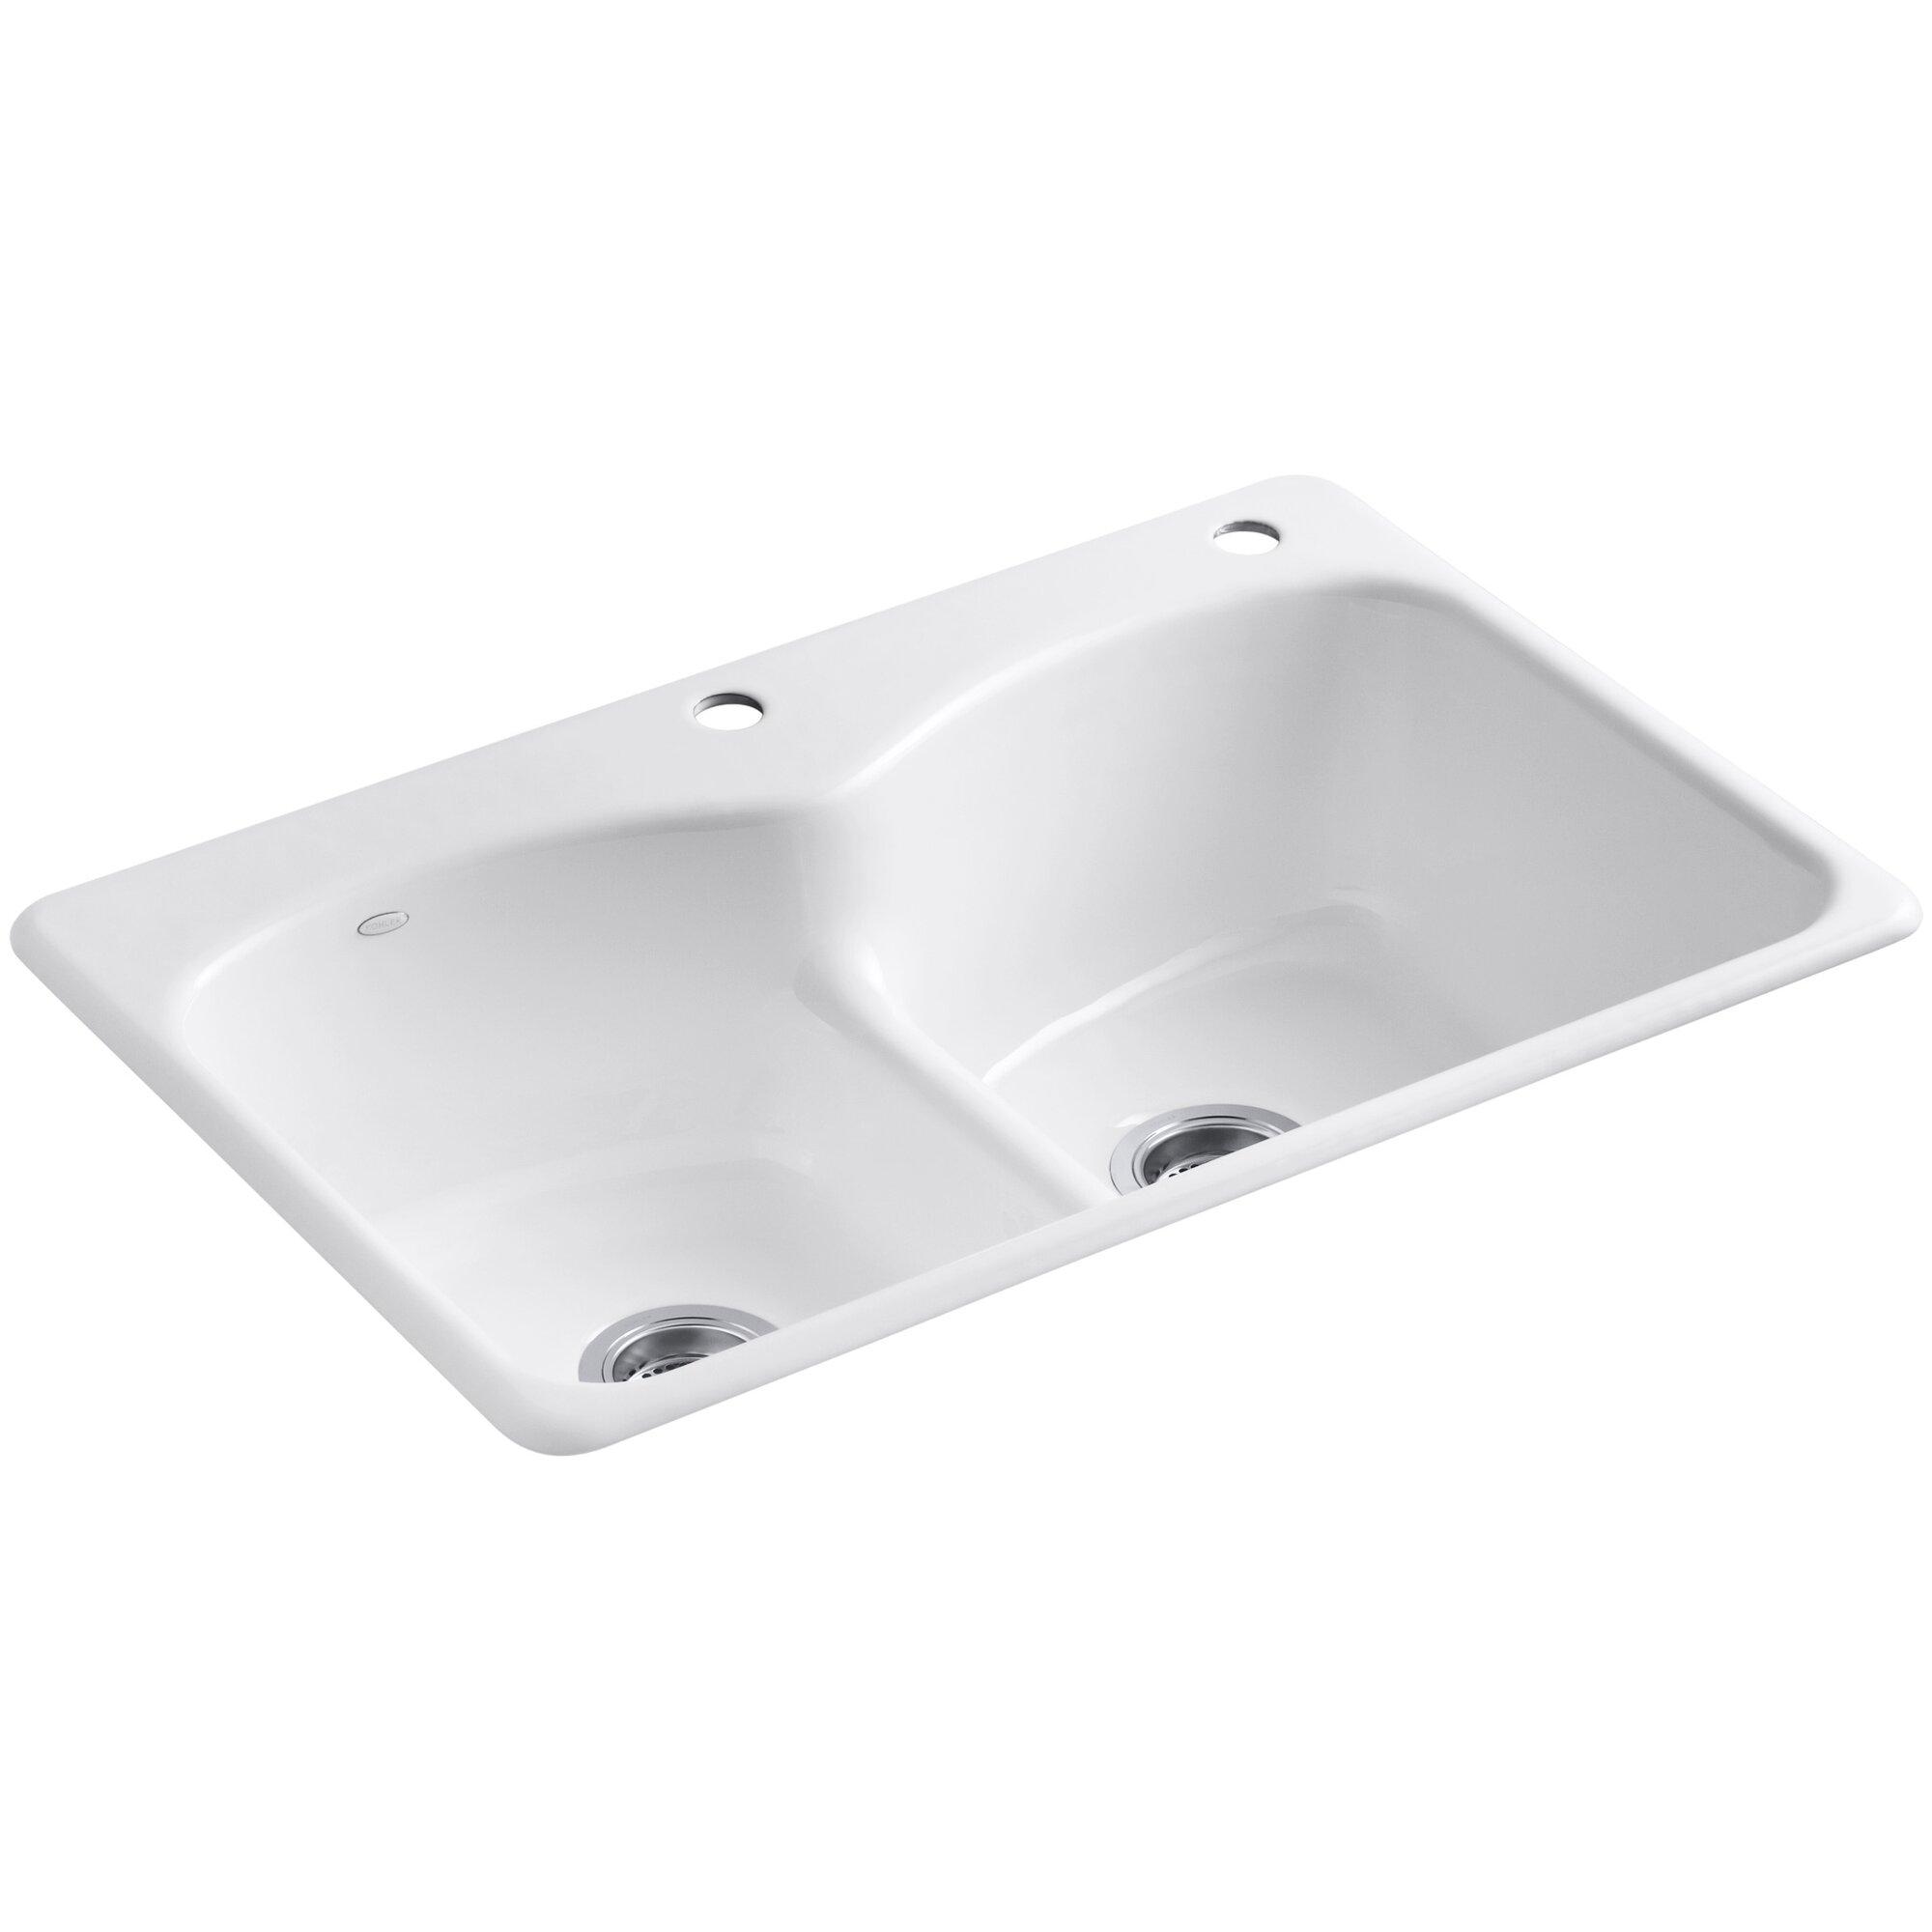 Kohler Brookfield Sink